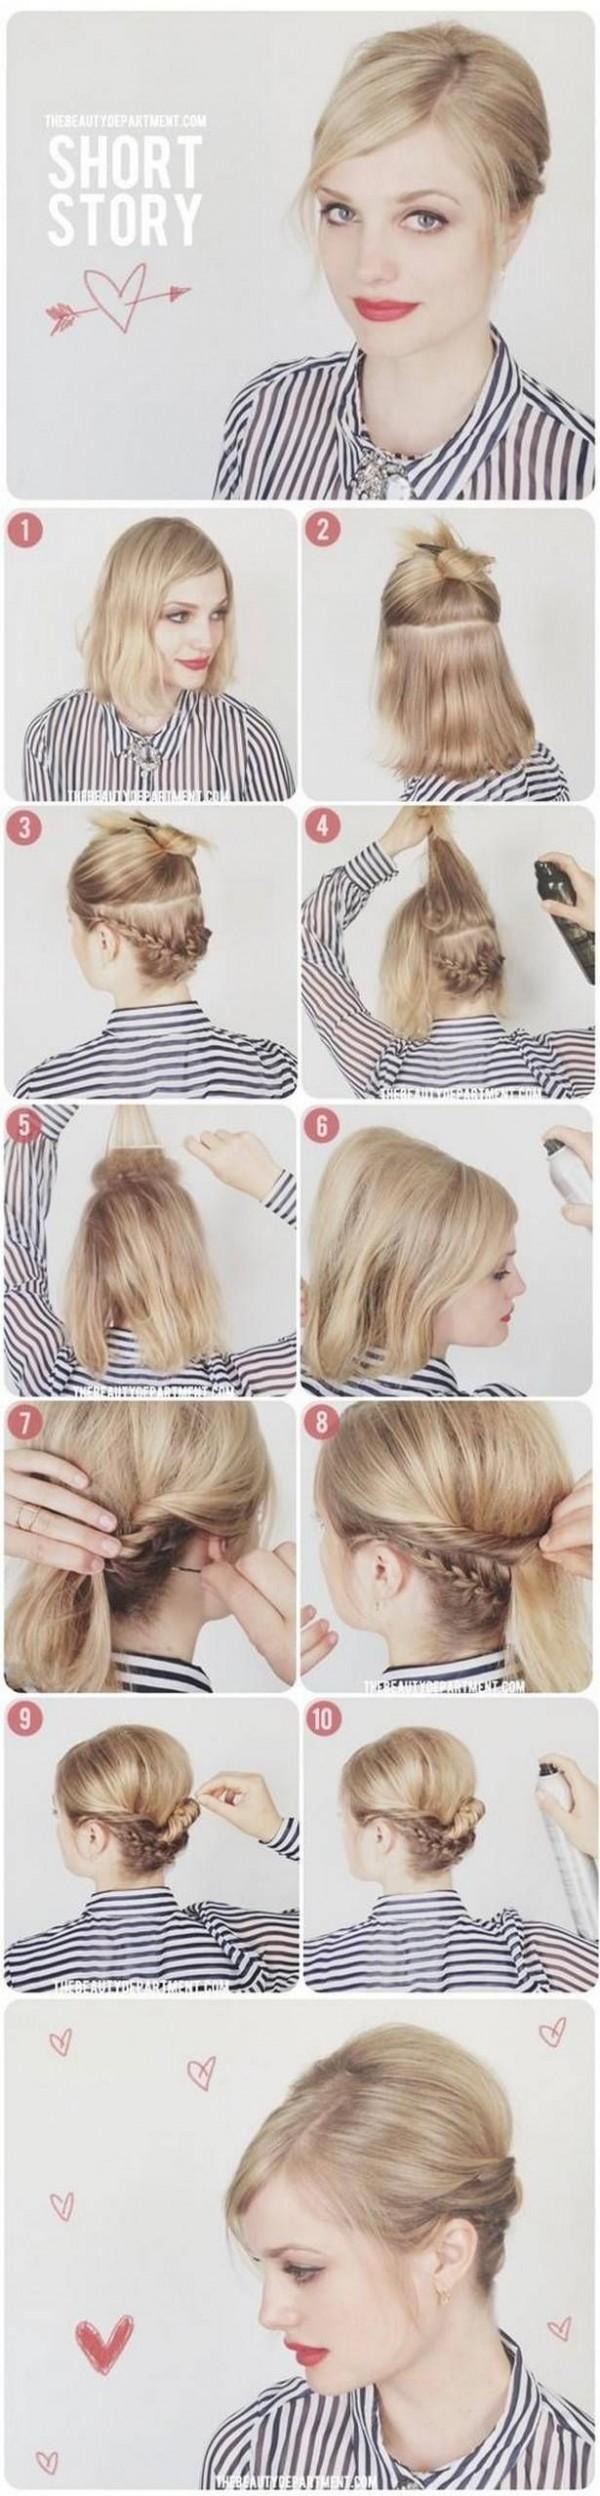 ten minutes hair